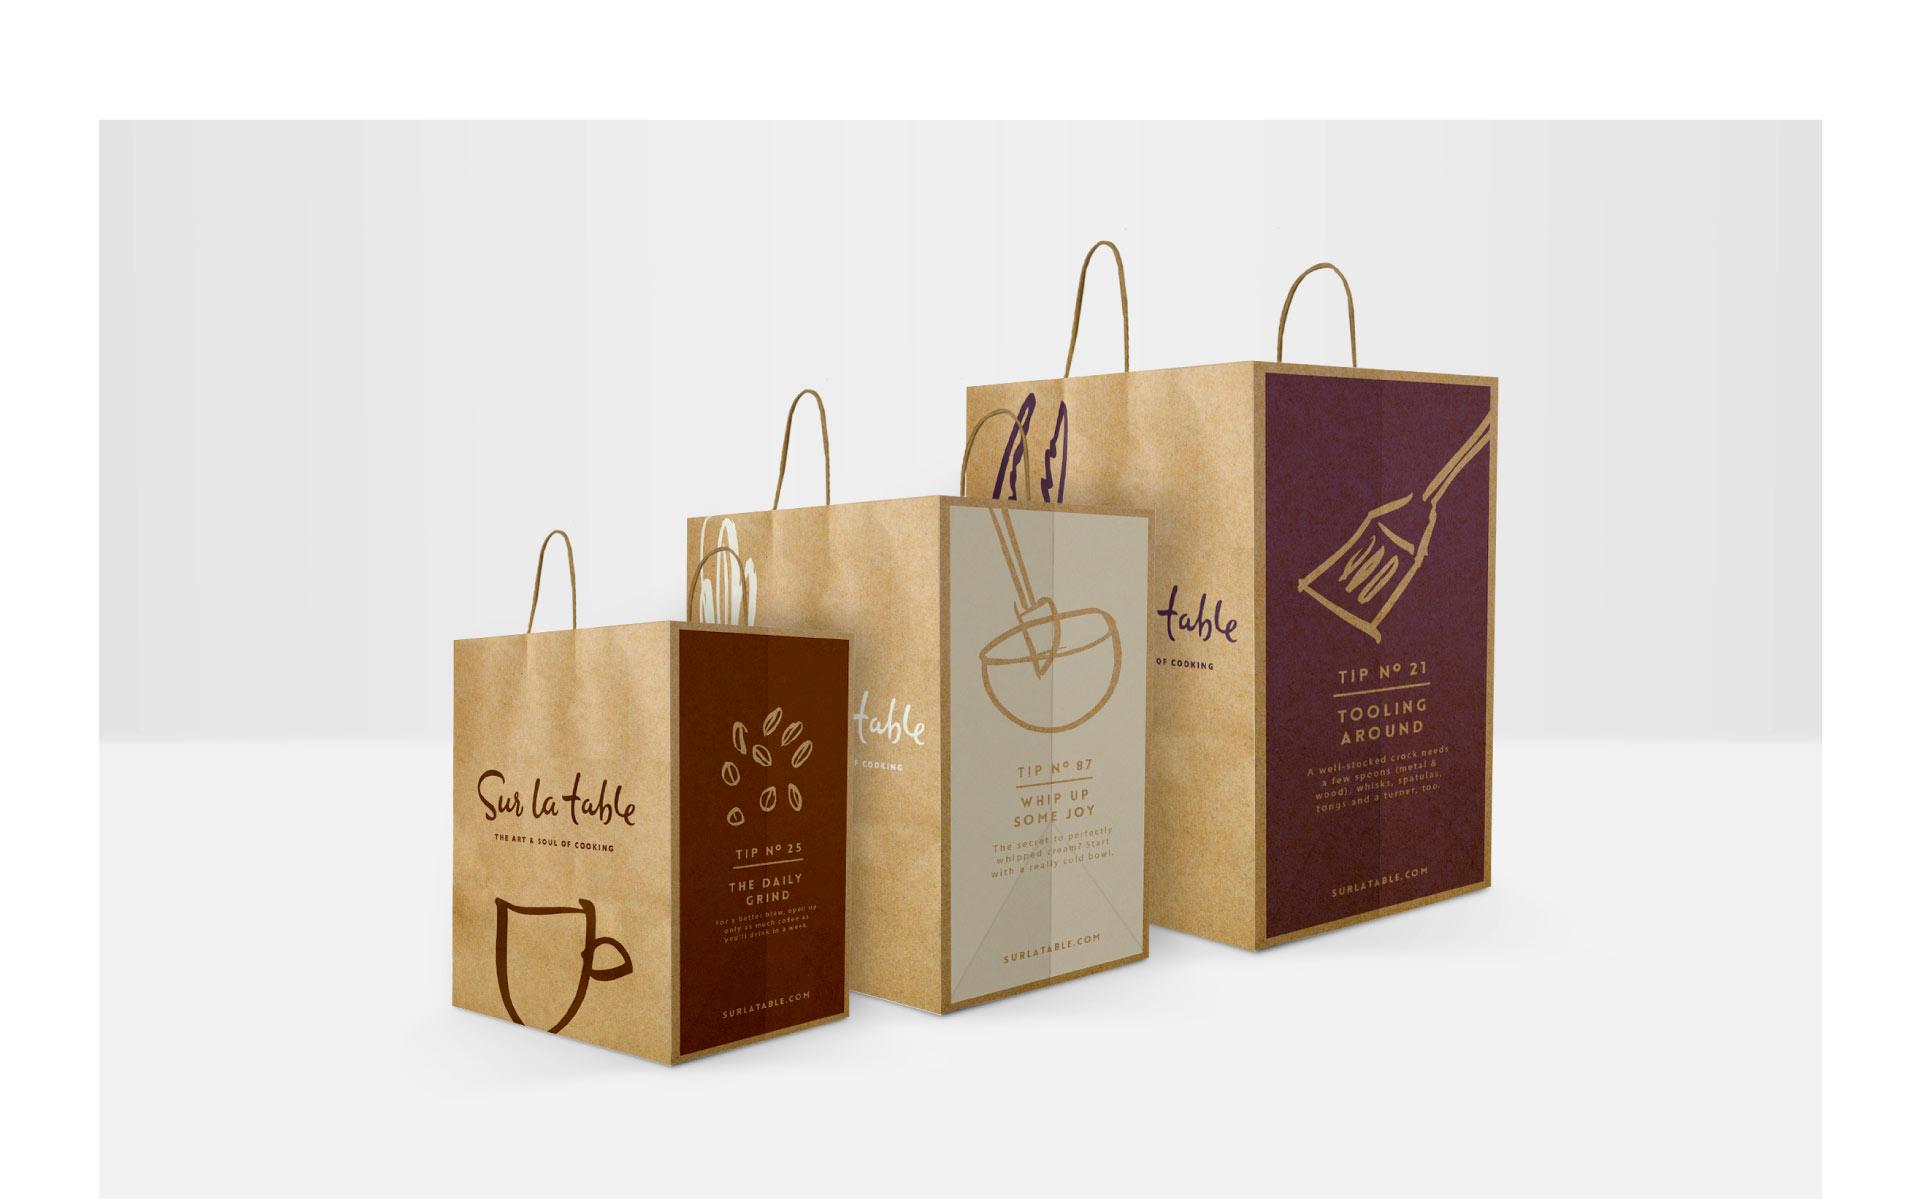 Creative_Retail_Packaging_Branding_Design_Sur_La_Table_17.jpg